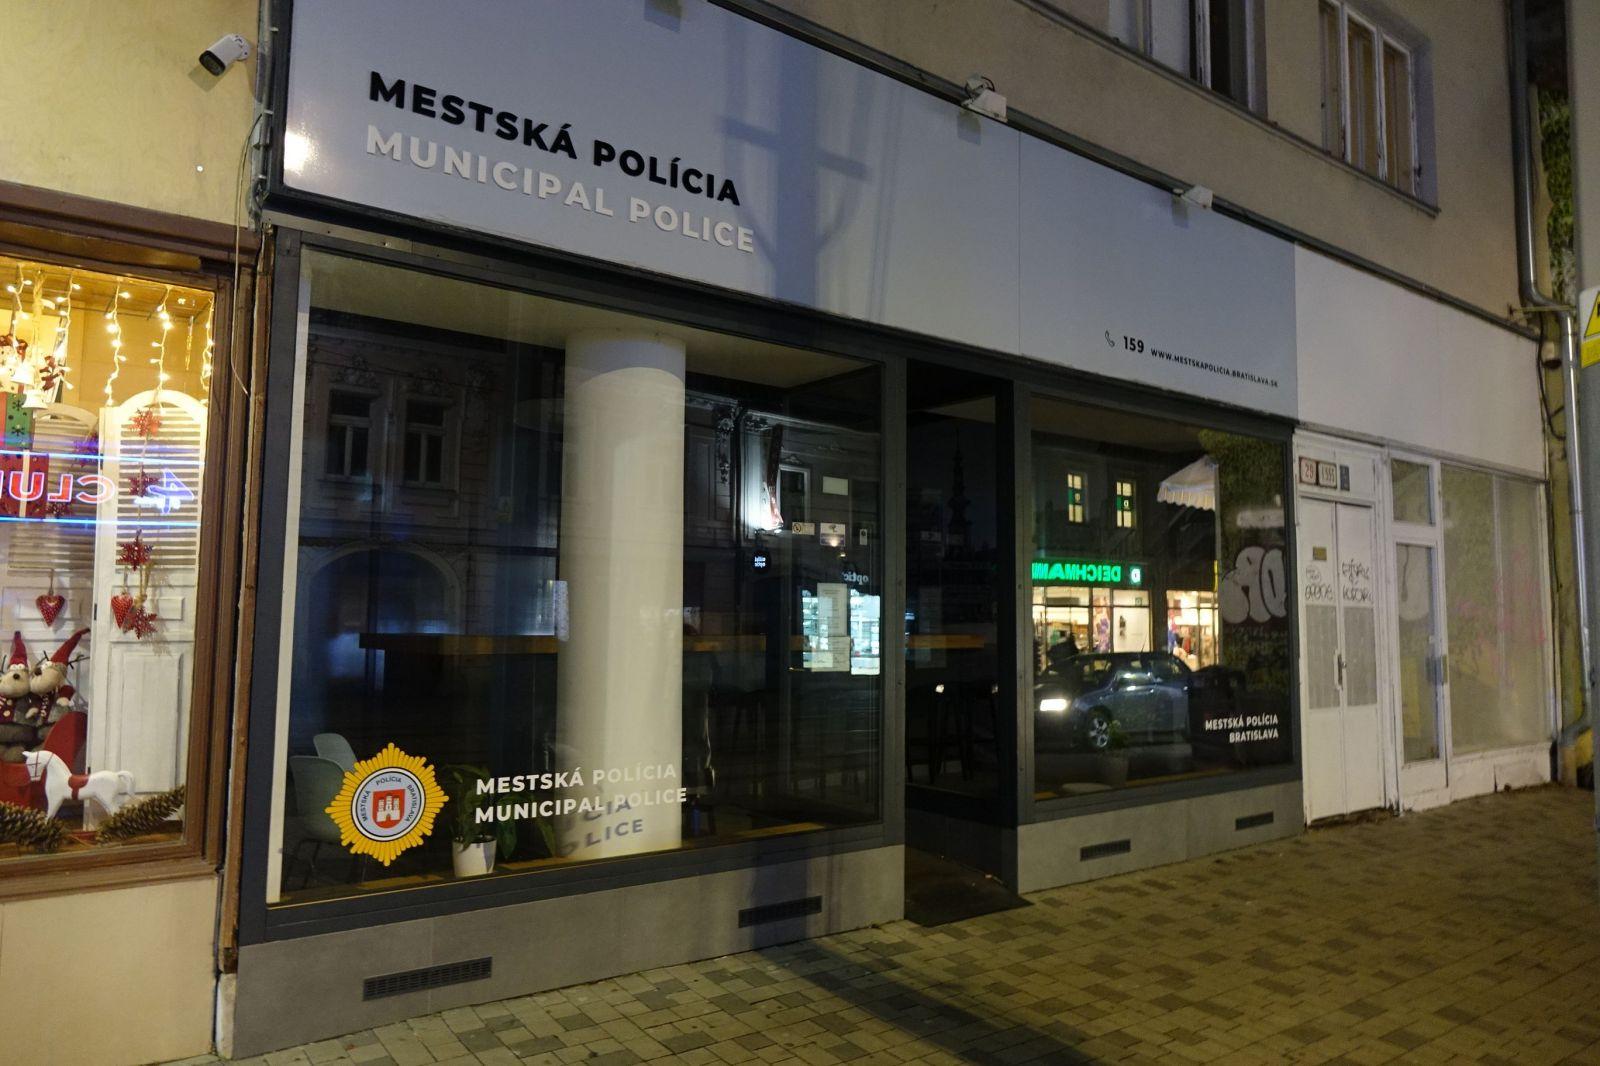 Stanica mestskej polície